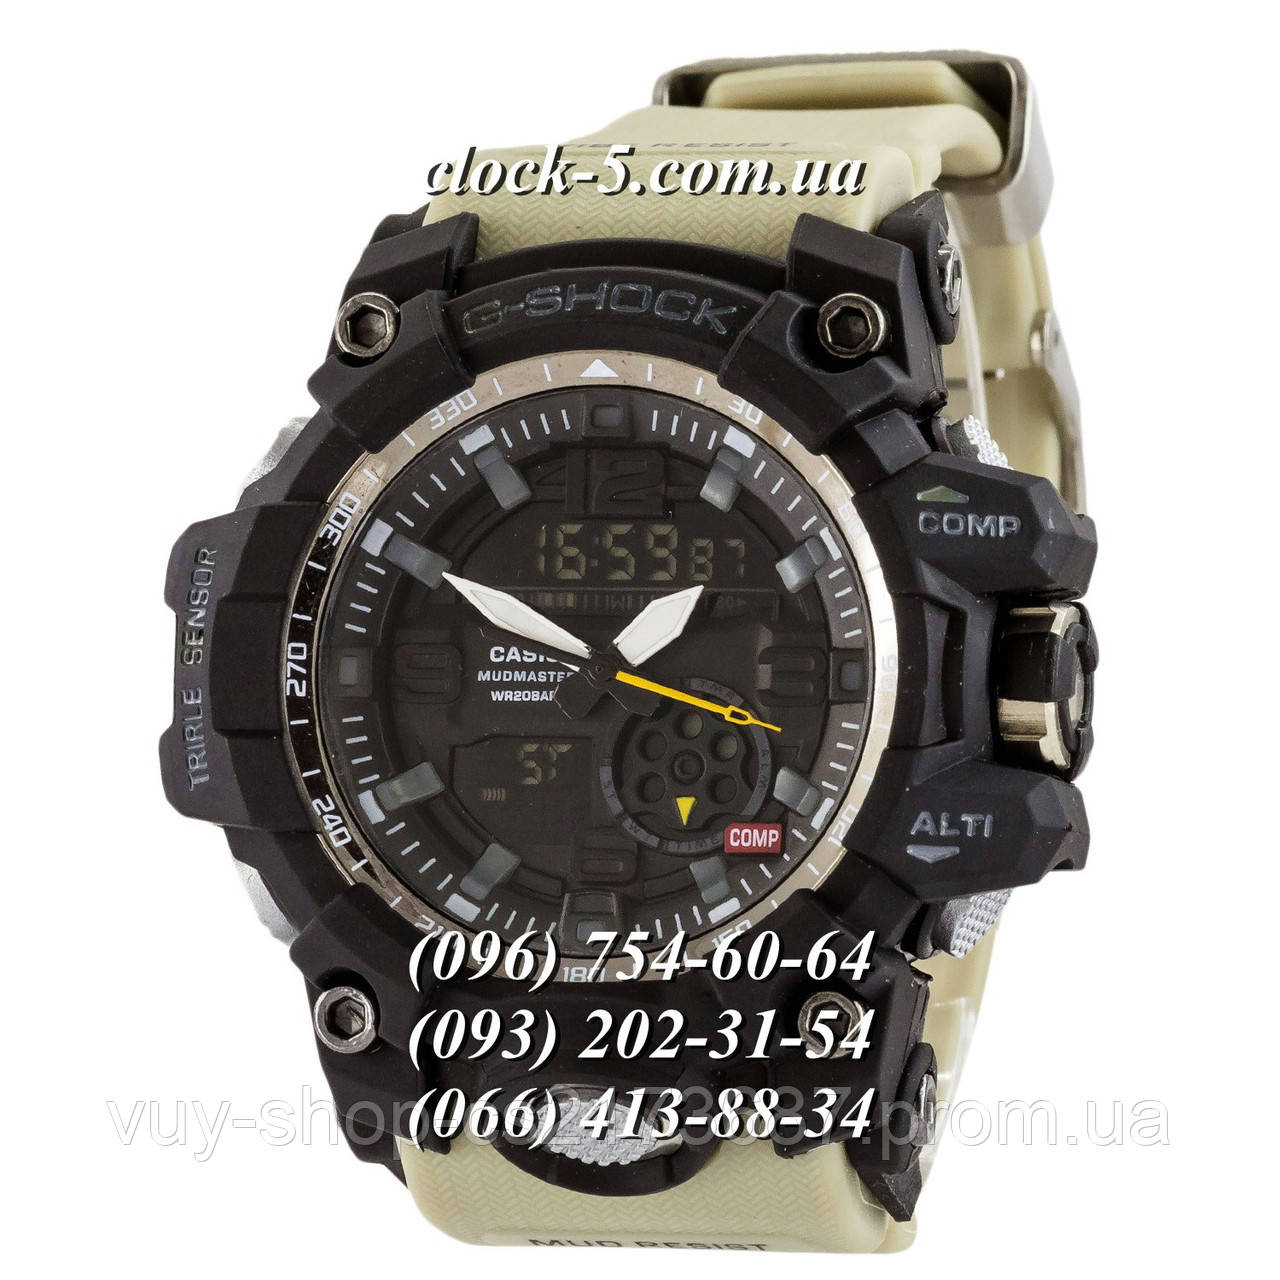 Продажа часов Харьков - g shock